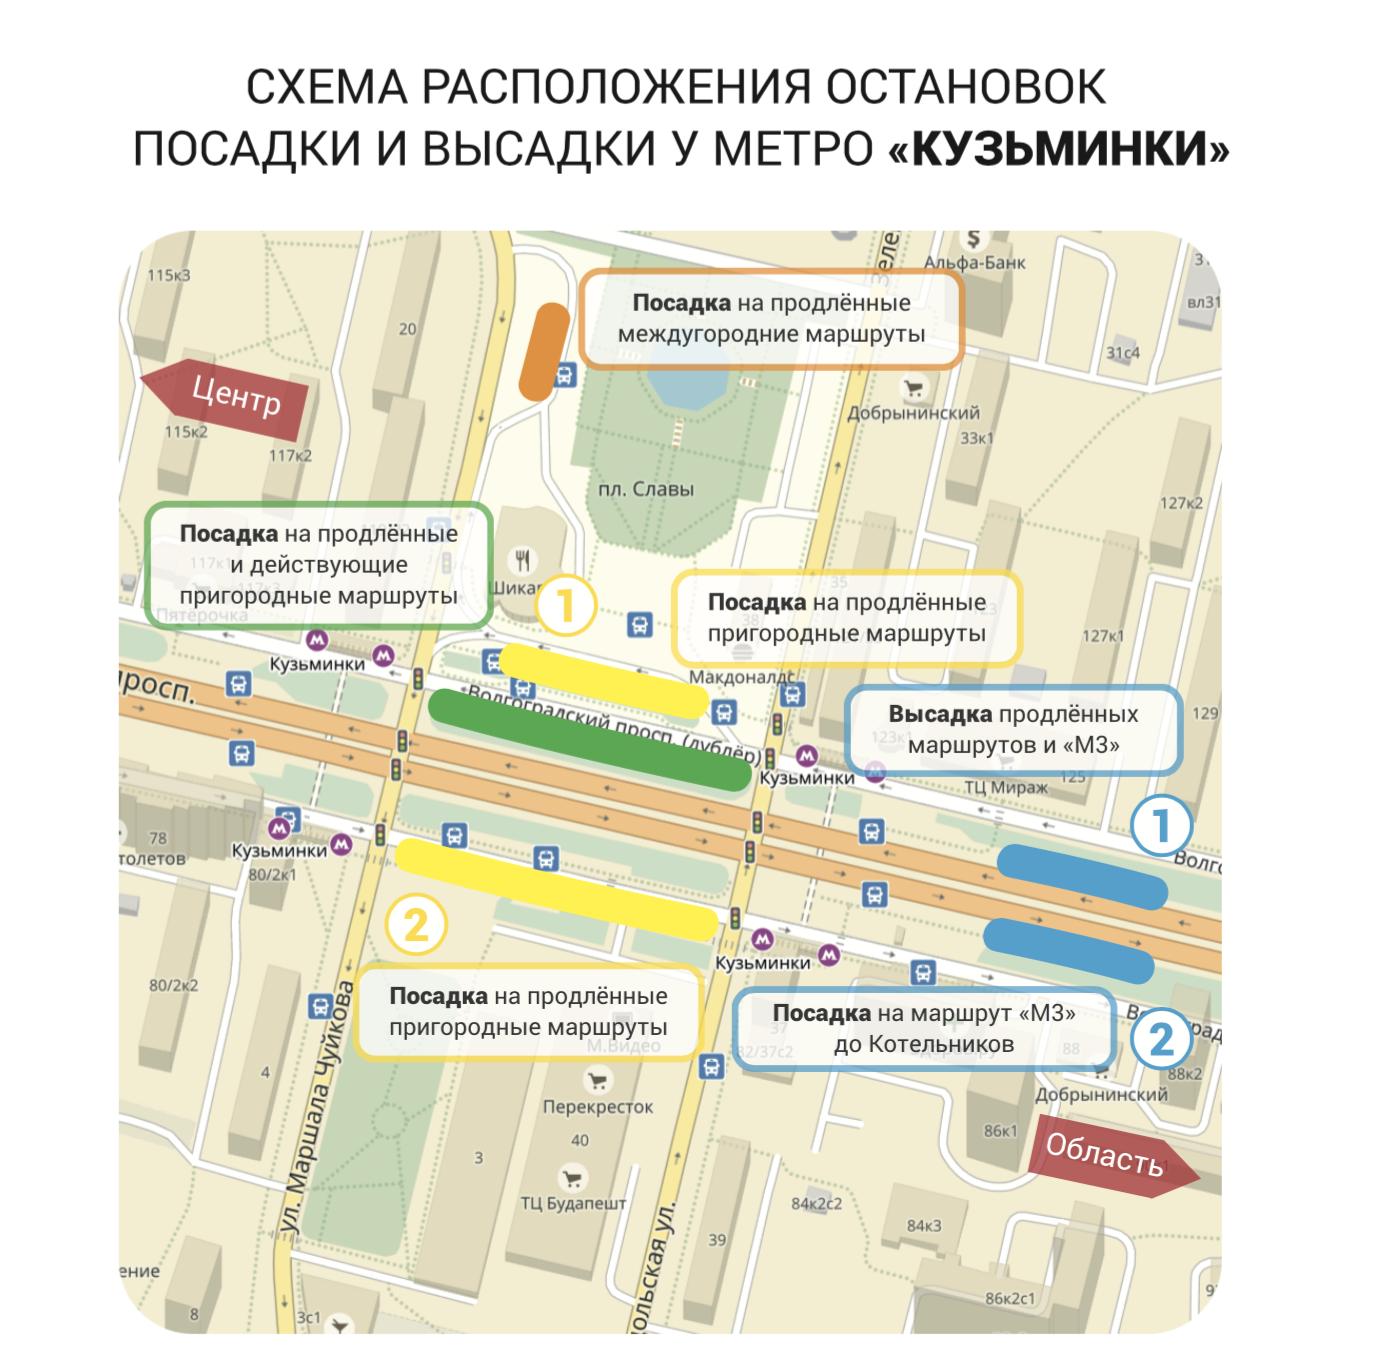 Схема остановок автобусов м кузьминки фото 99